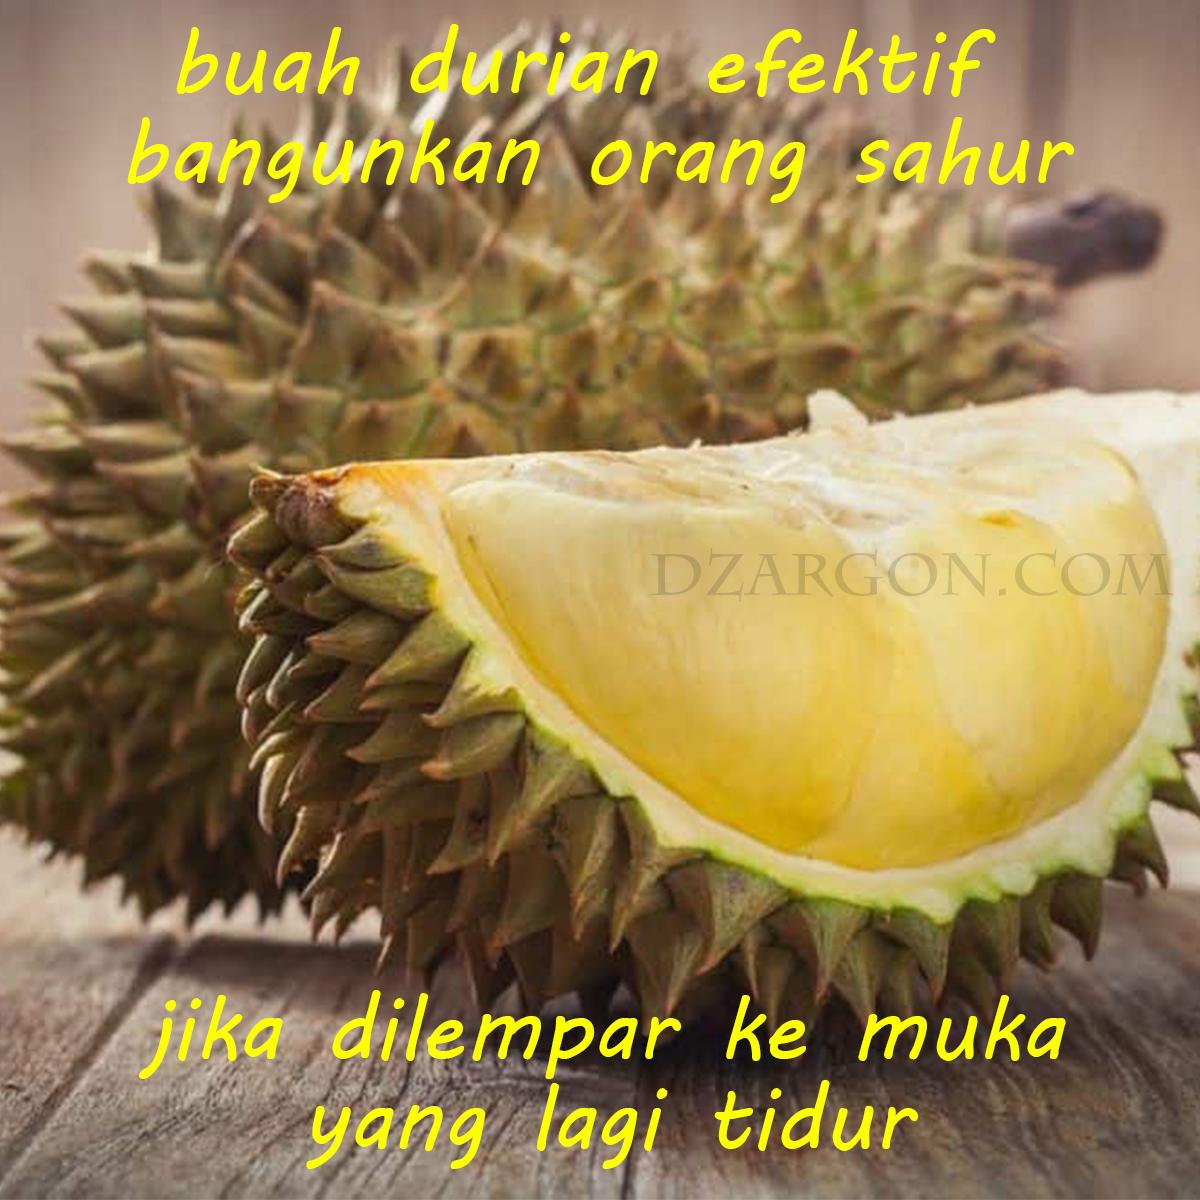 Foto Meme Gokil buah durian buat bangunin orang